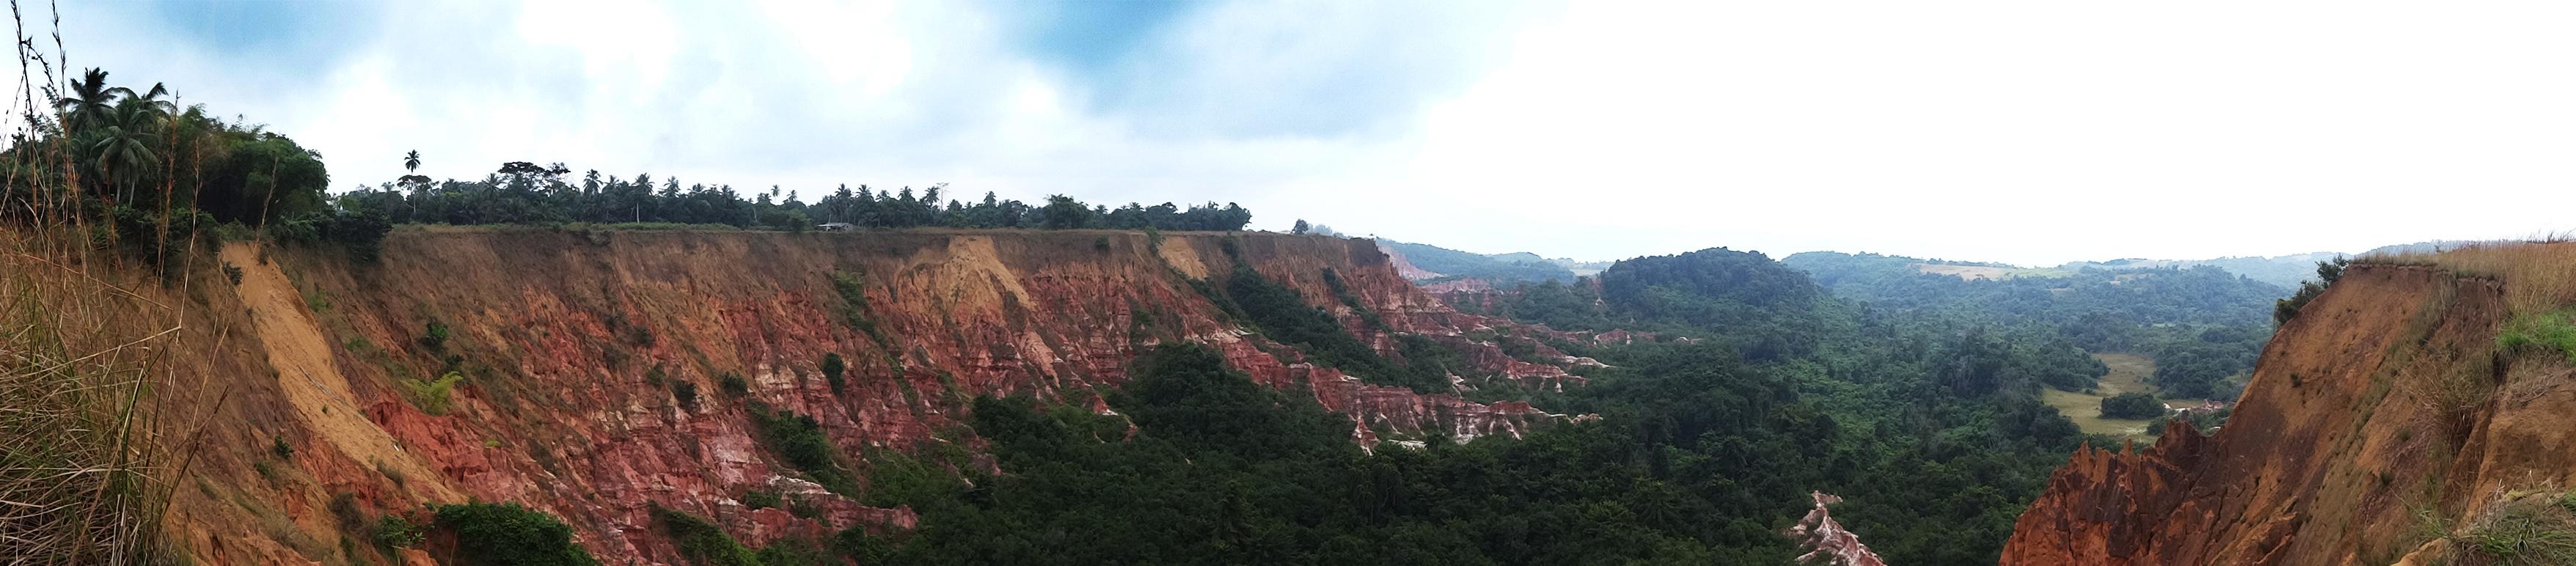 Diosso Gorge